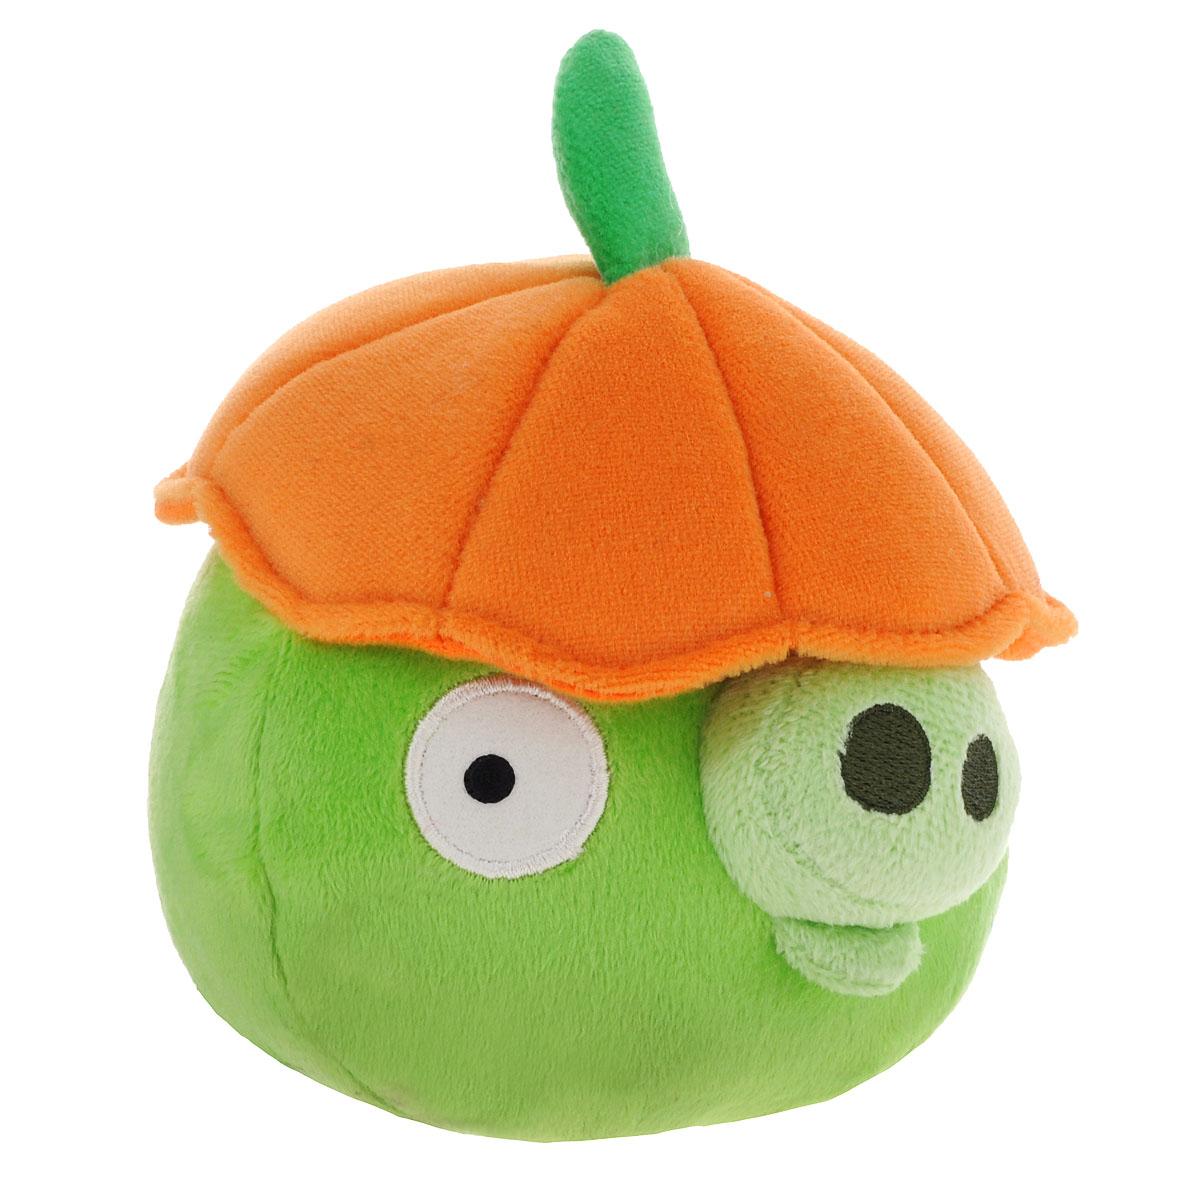 Angry Birds Мягкая озвученная игрушка Halloween цвет зеленый 14 см91786зеленыйМягкая озвученная игрушка Angry Birds Halloween подарит вашему ребенку много радости и веселья. Удивительно приятная на ощупь игрушка выполнена в виде всем известного персонажа из популярной игры Angry Birds - зеленой свиньи с тыквой на голове. При нажатии на кнопку, расположенную на макушке, игрушка начинает смеяться, хрюкать и издавать забавные звуки. Чудесная мягкая игрушка непременно поднимет настроение своему обладателю и станет замечательным подарком к любому празднику.